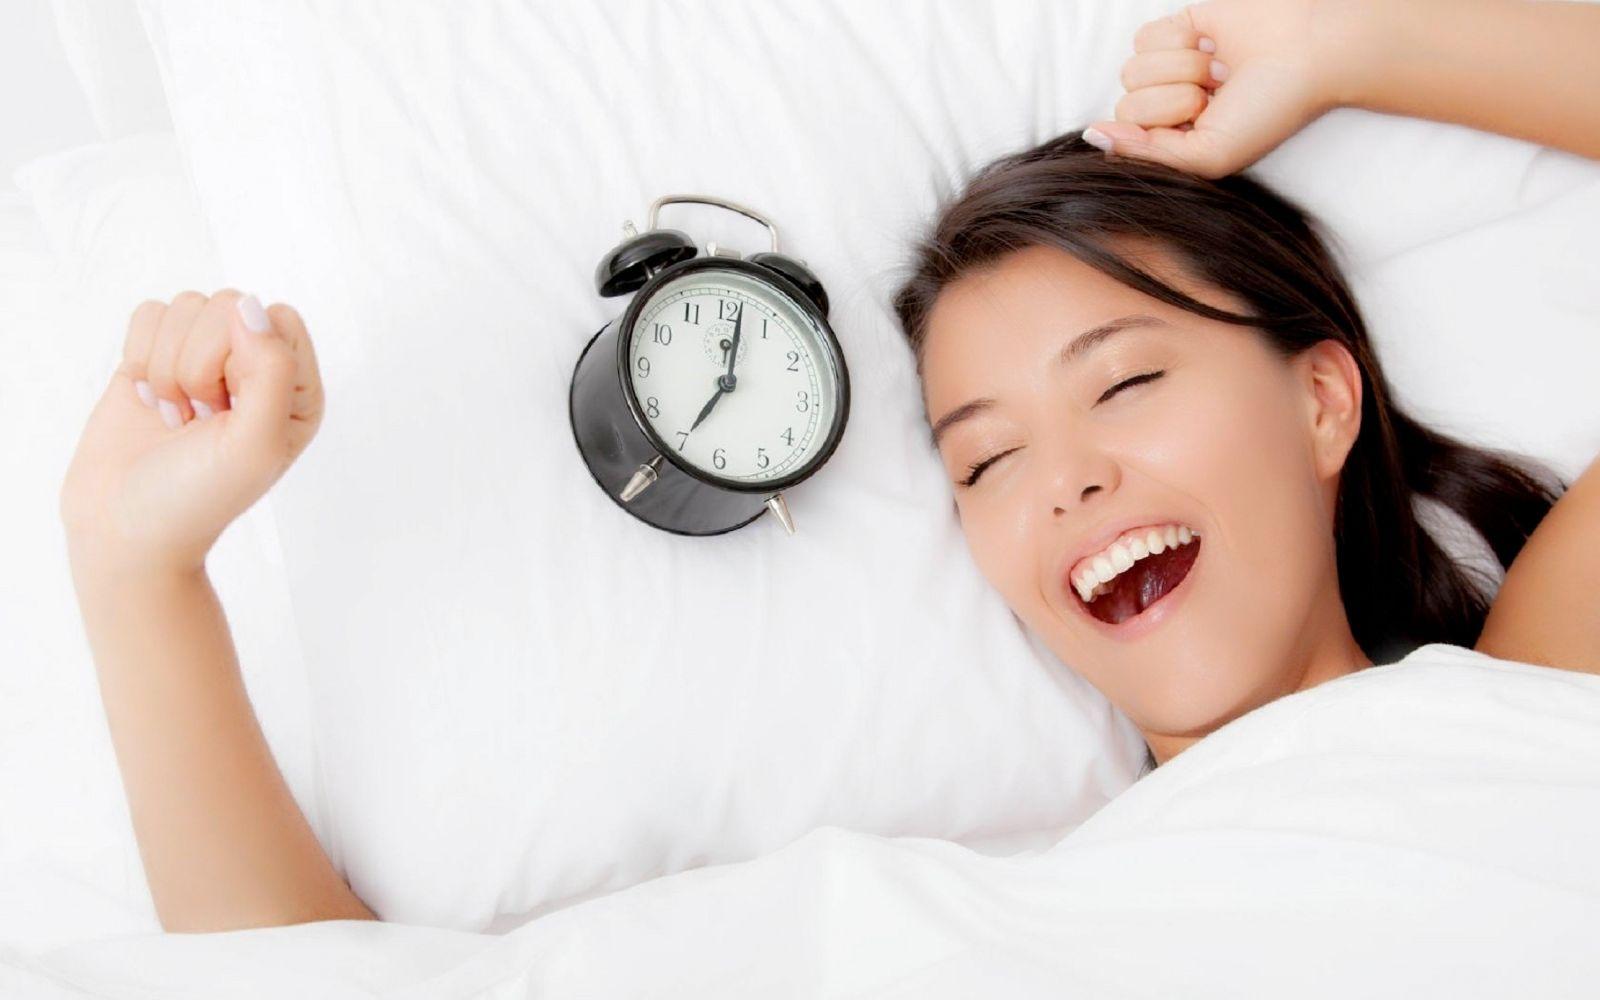 Bí ẩn giấc ngủ và bí quyết có giấc ngủ khỏe mạnh, trường thọ.